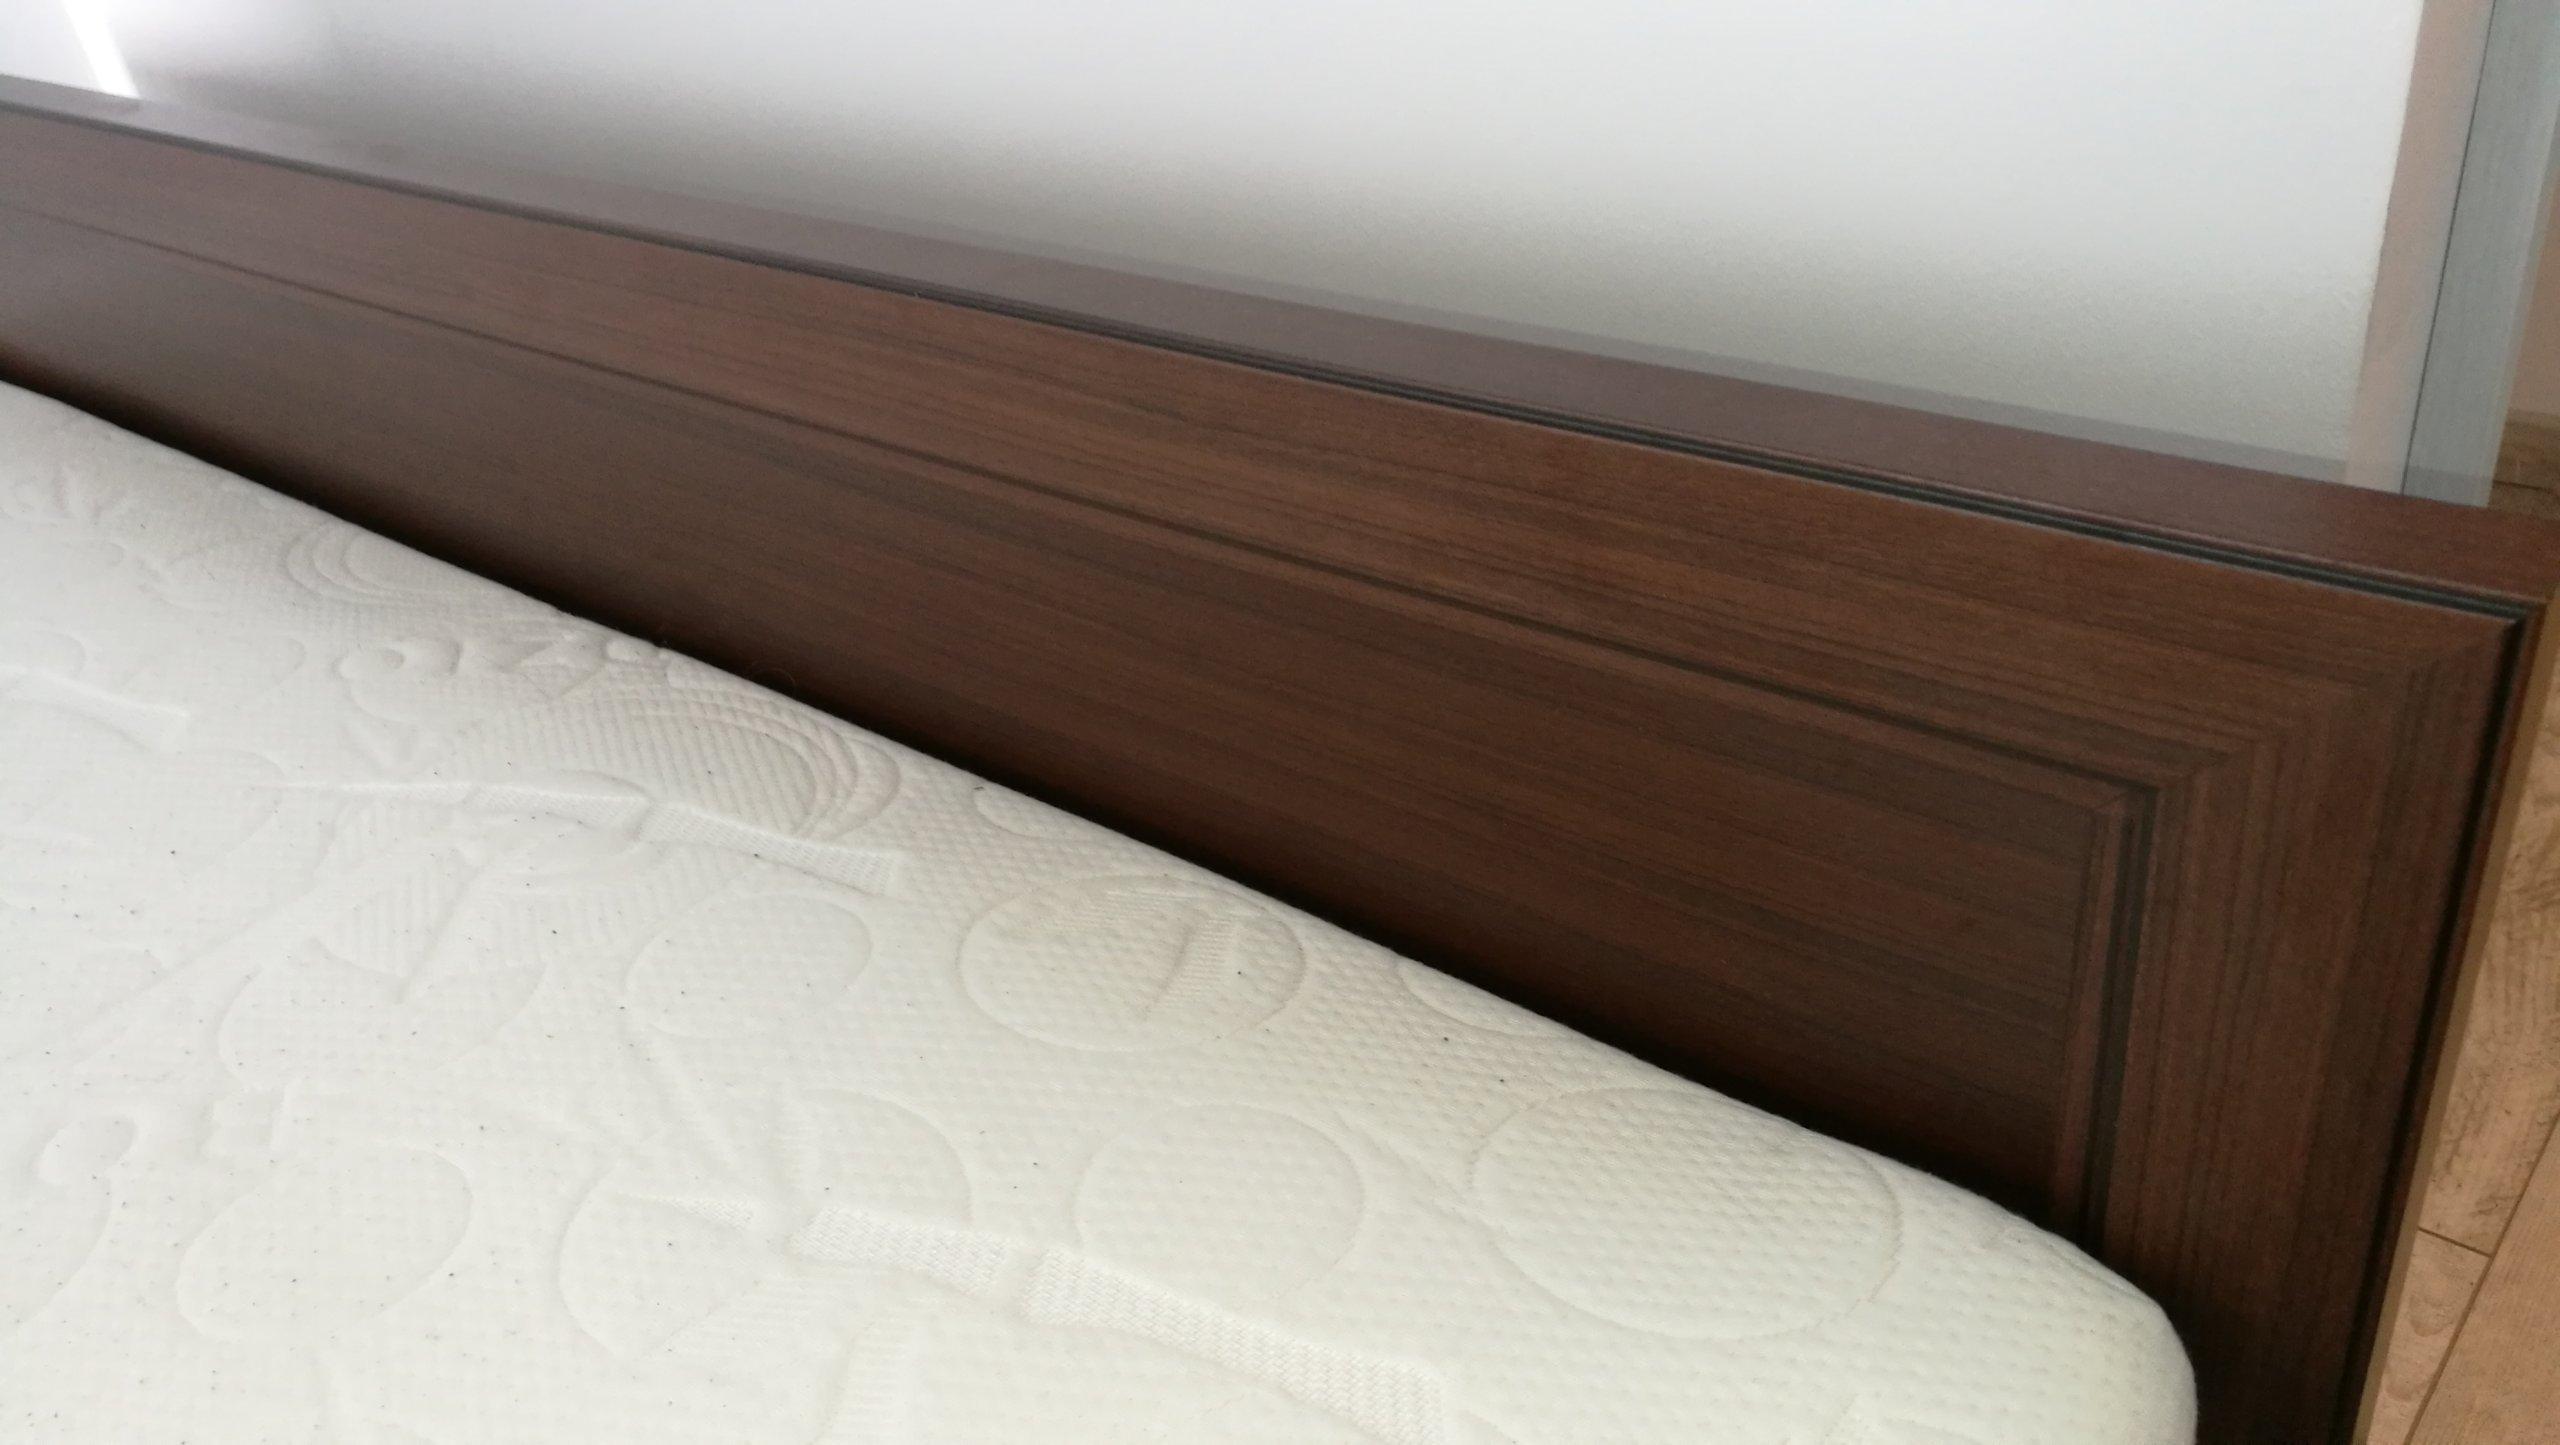 łóżko 2 Osobowe Grenada Z Materacem Pojemnikiem 7387284326